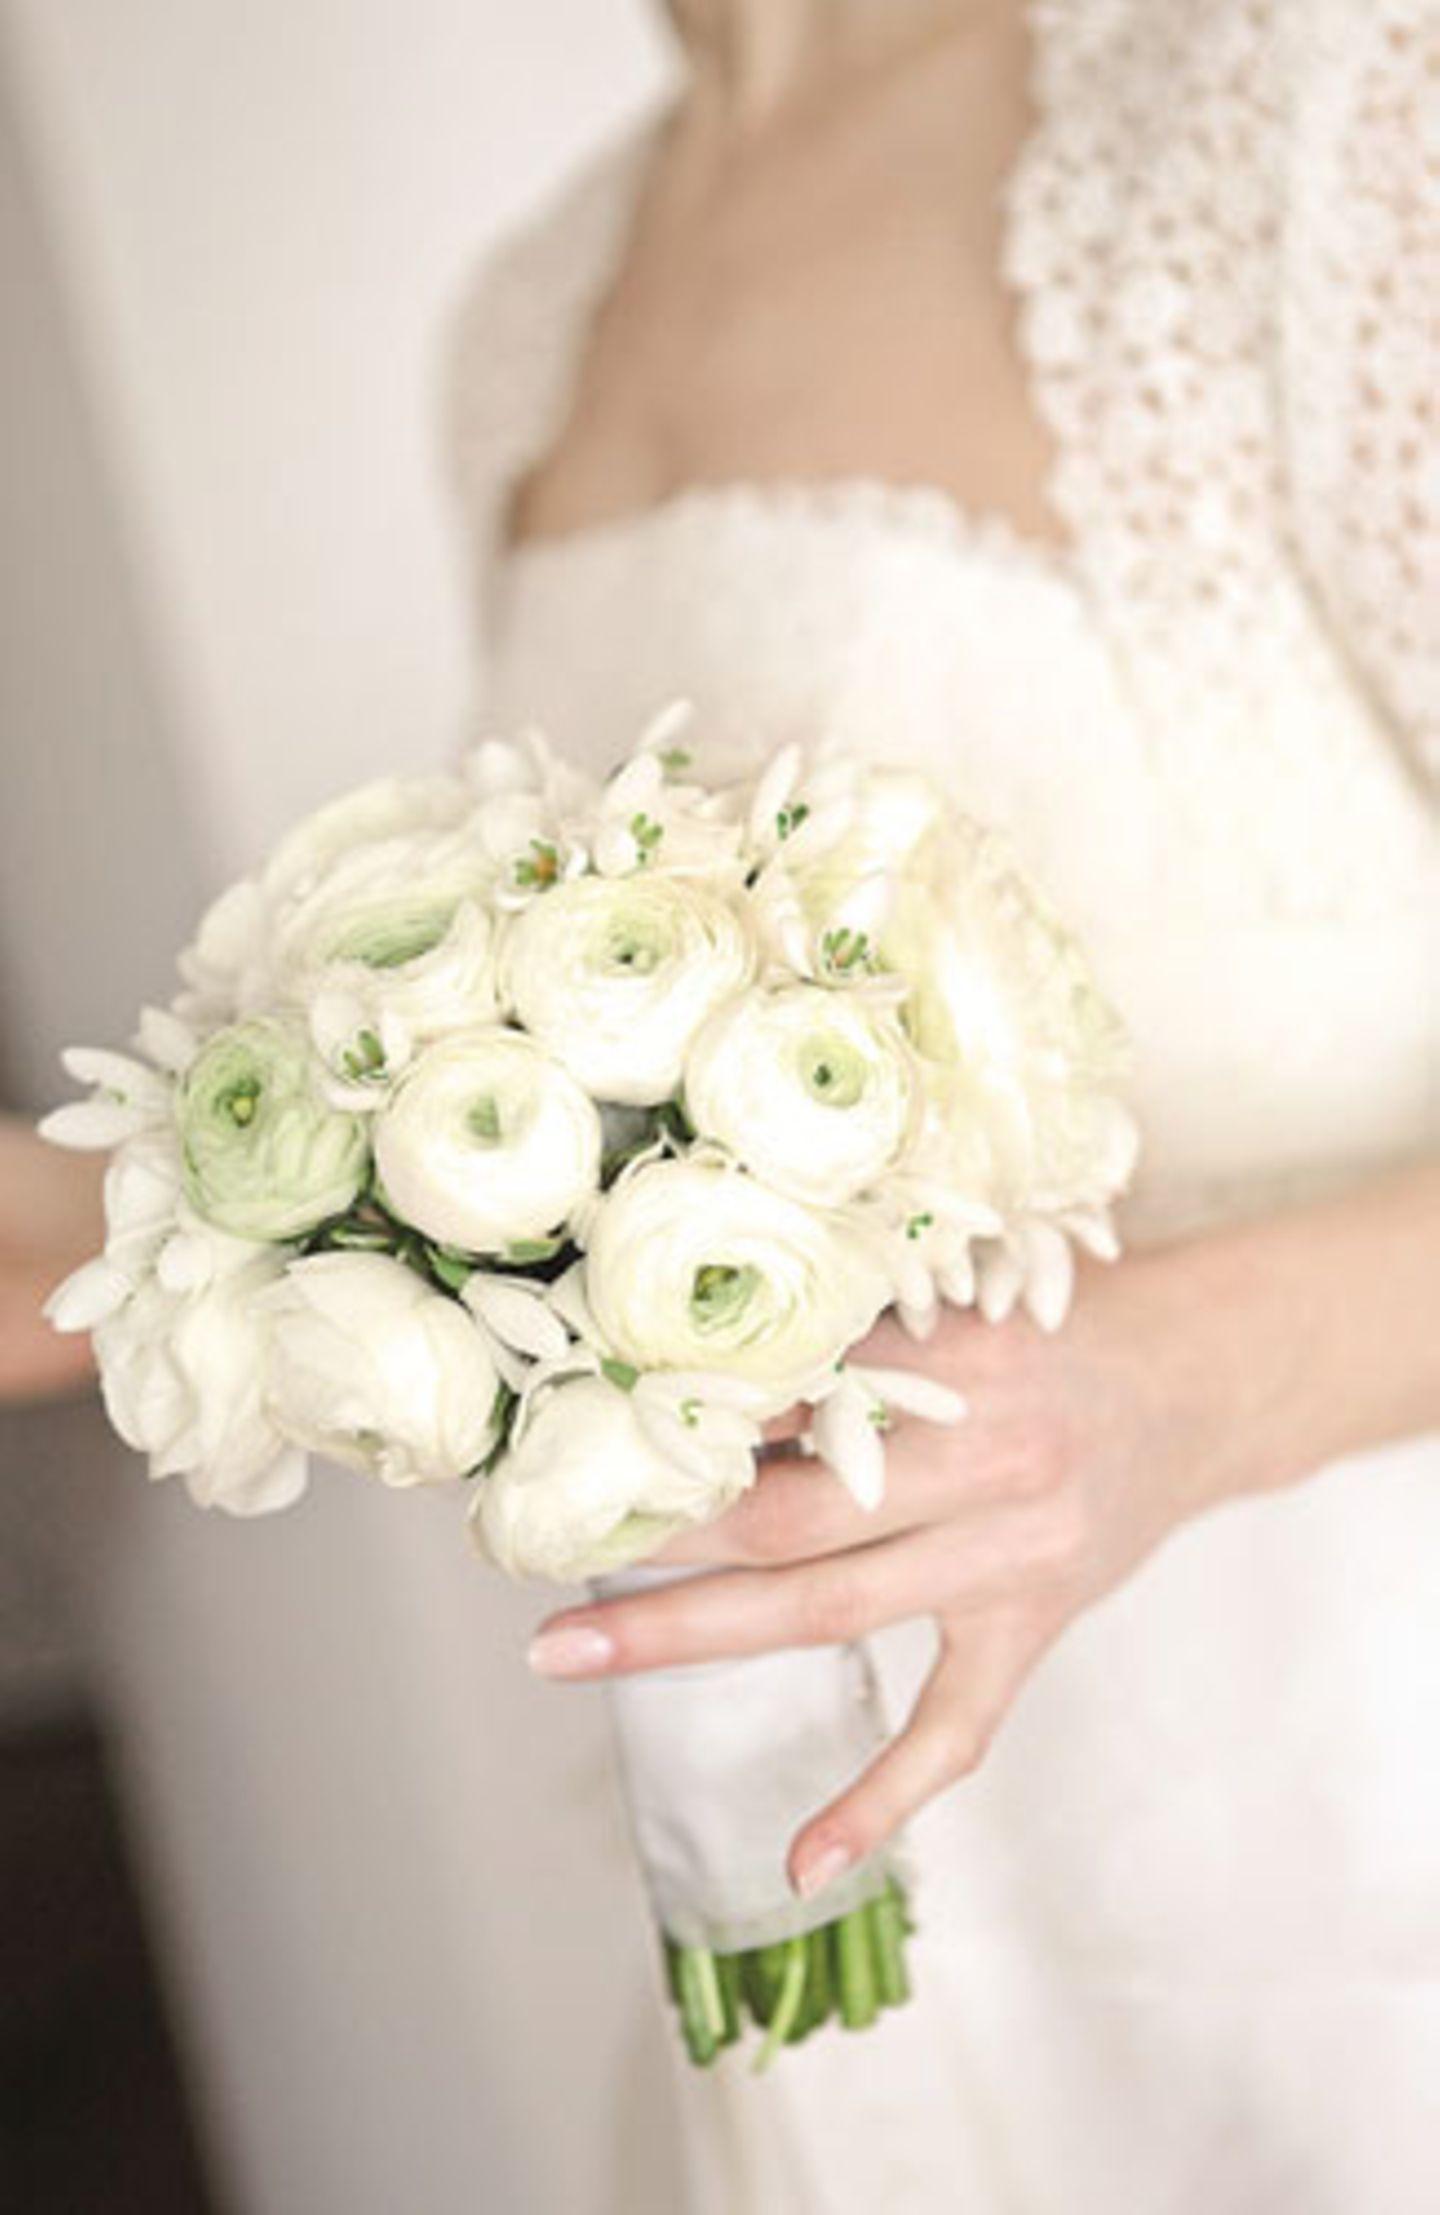 Brautstrauß mit Ranunkeln und Schneeglöckchen